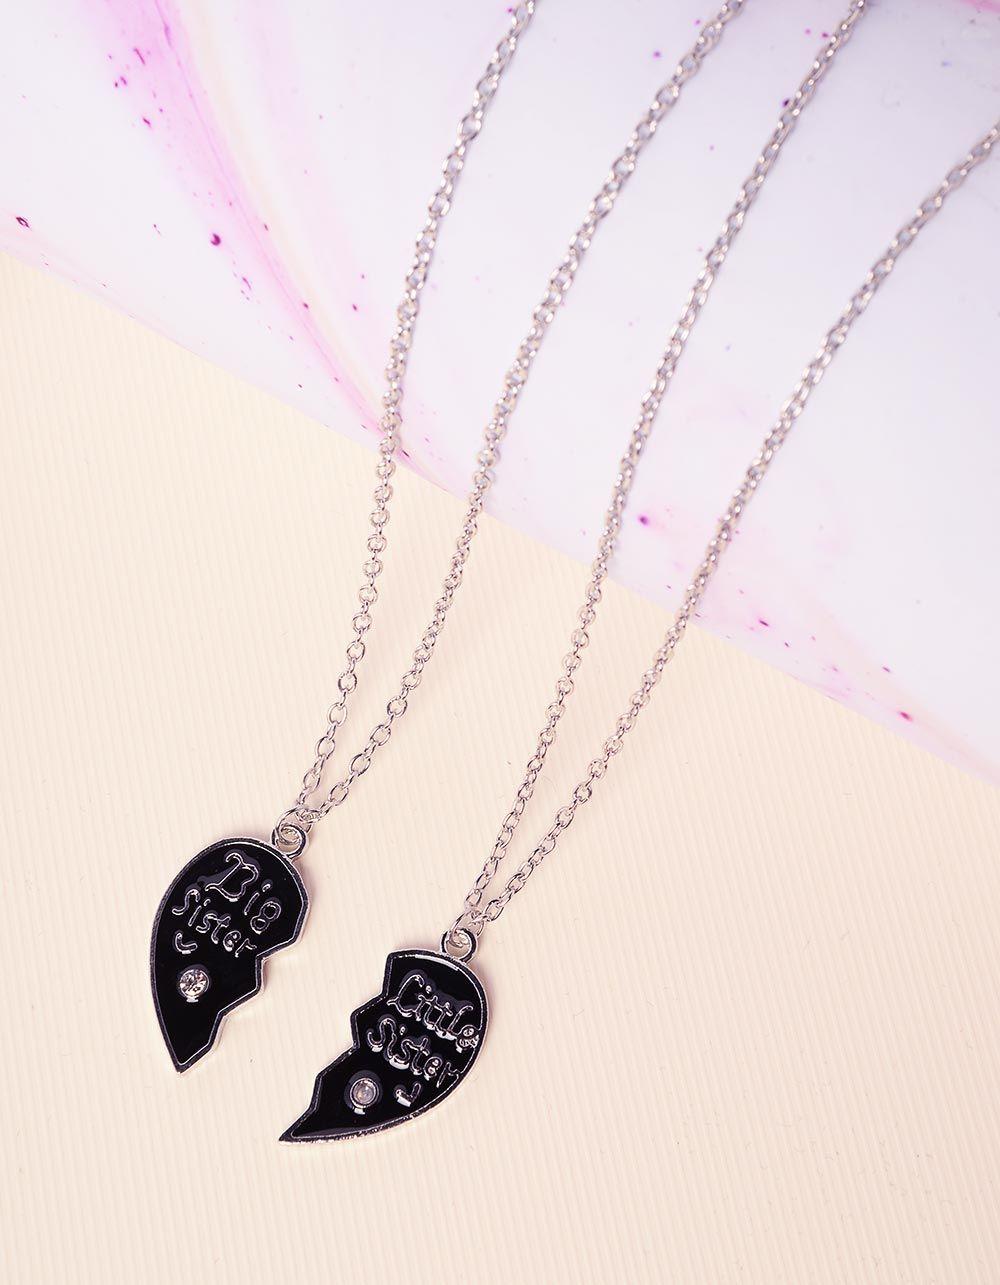 Підвіска френди парна з кулонами у вигляді серця | 227818-07-XX